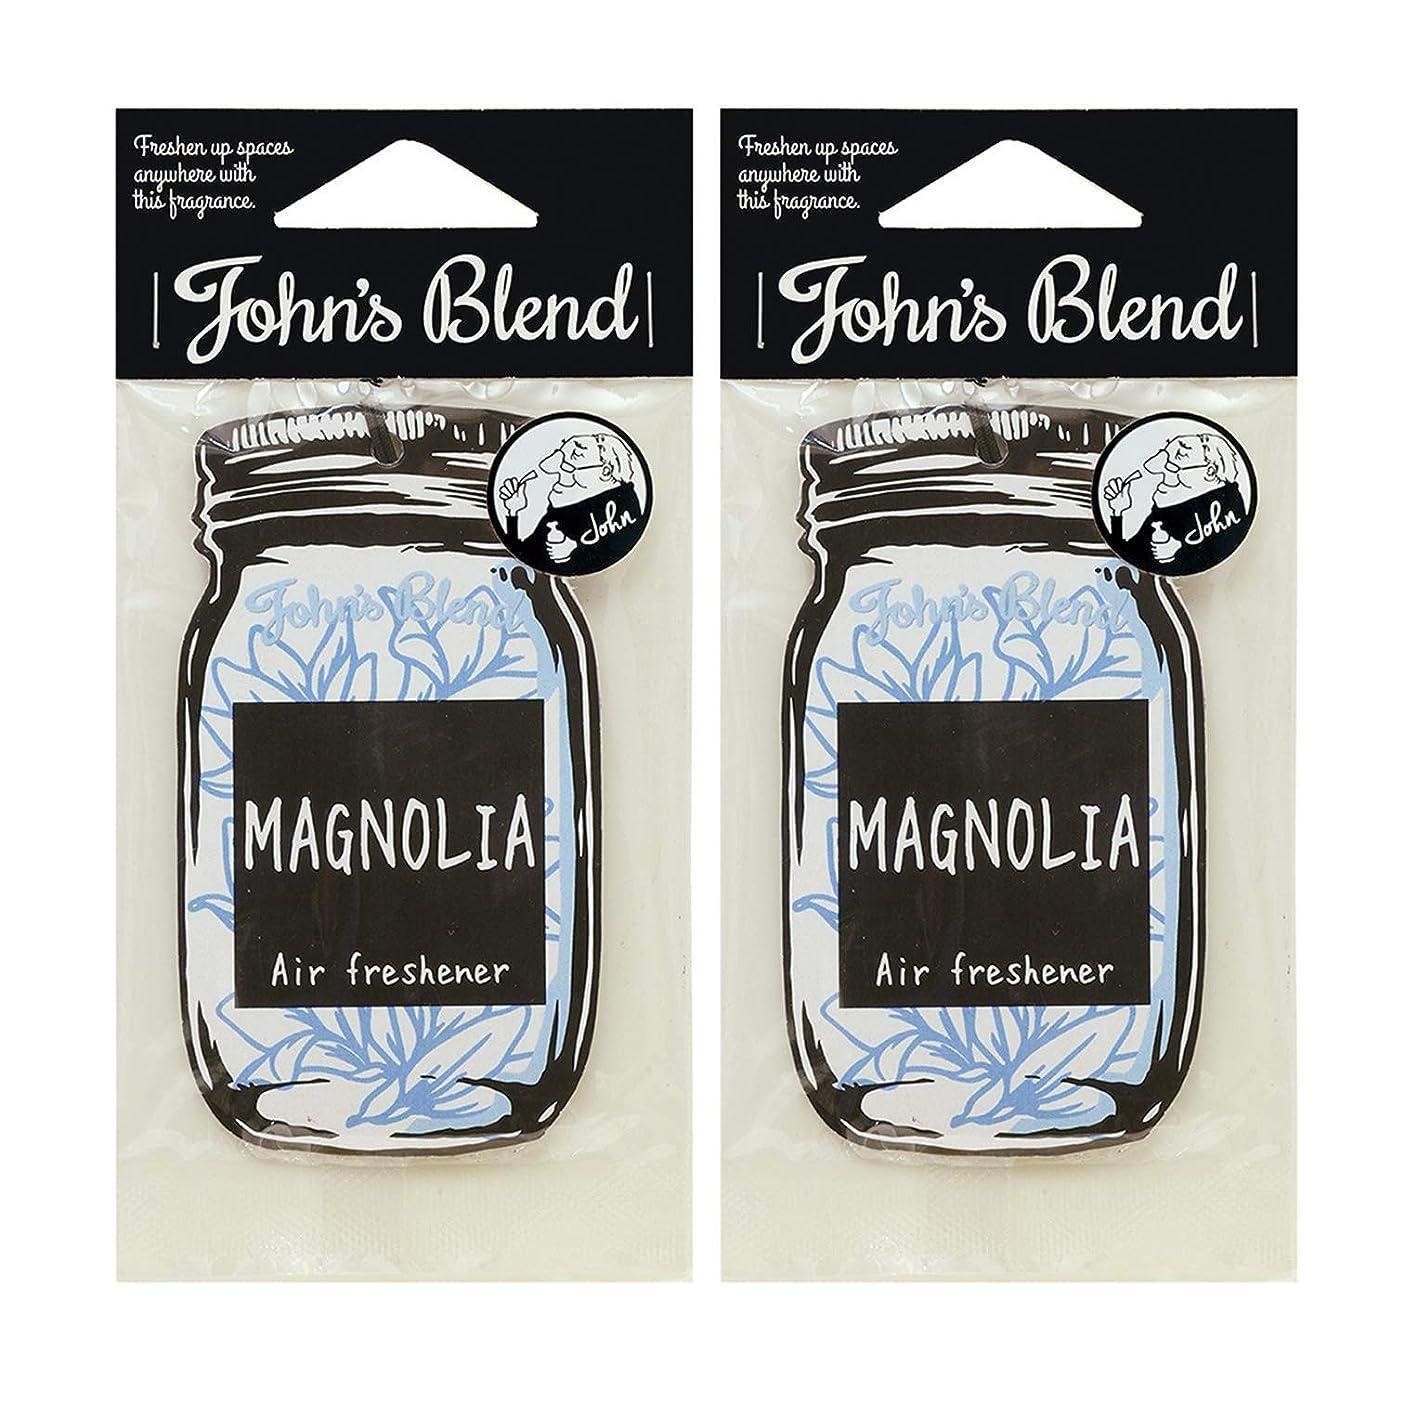 フィールド信念合計ノルコーポレーション John's Blend ルームフレグランス エアーフレッシュナー OA-JON-1-7 マグノリアの香り セット 2枚セット